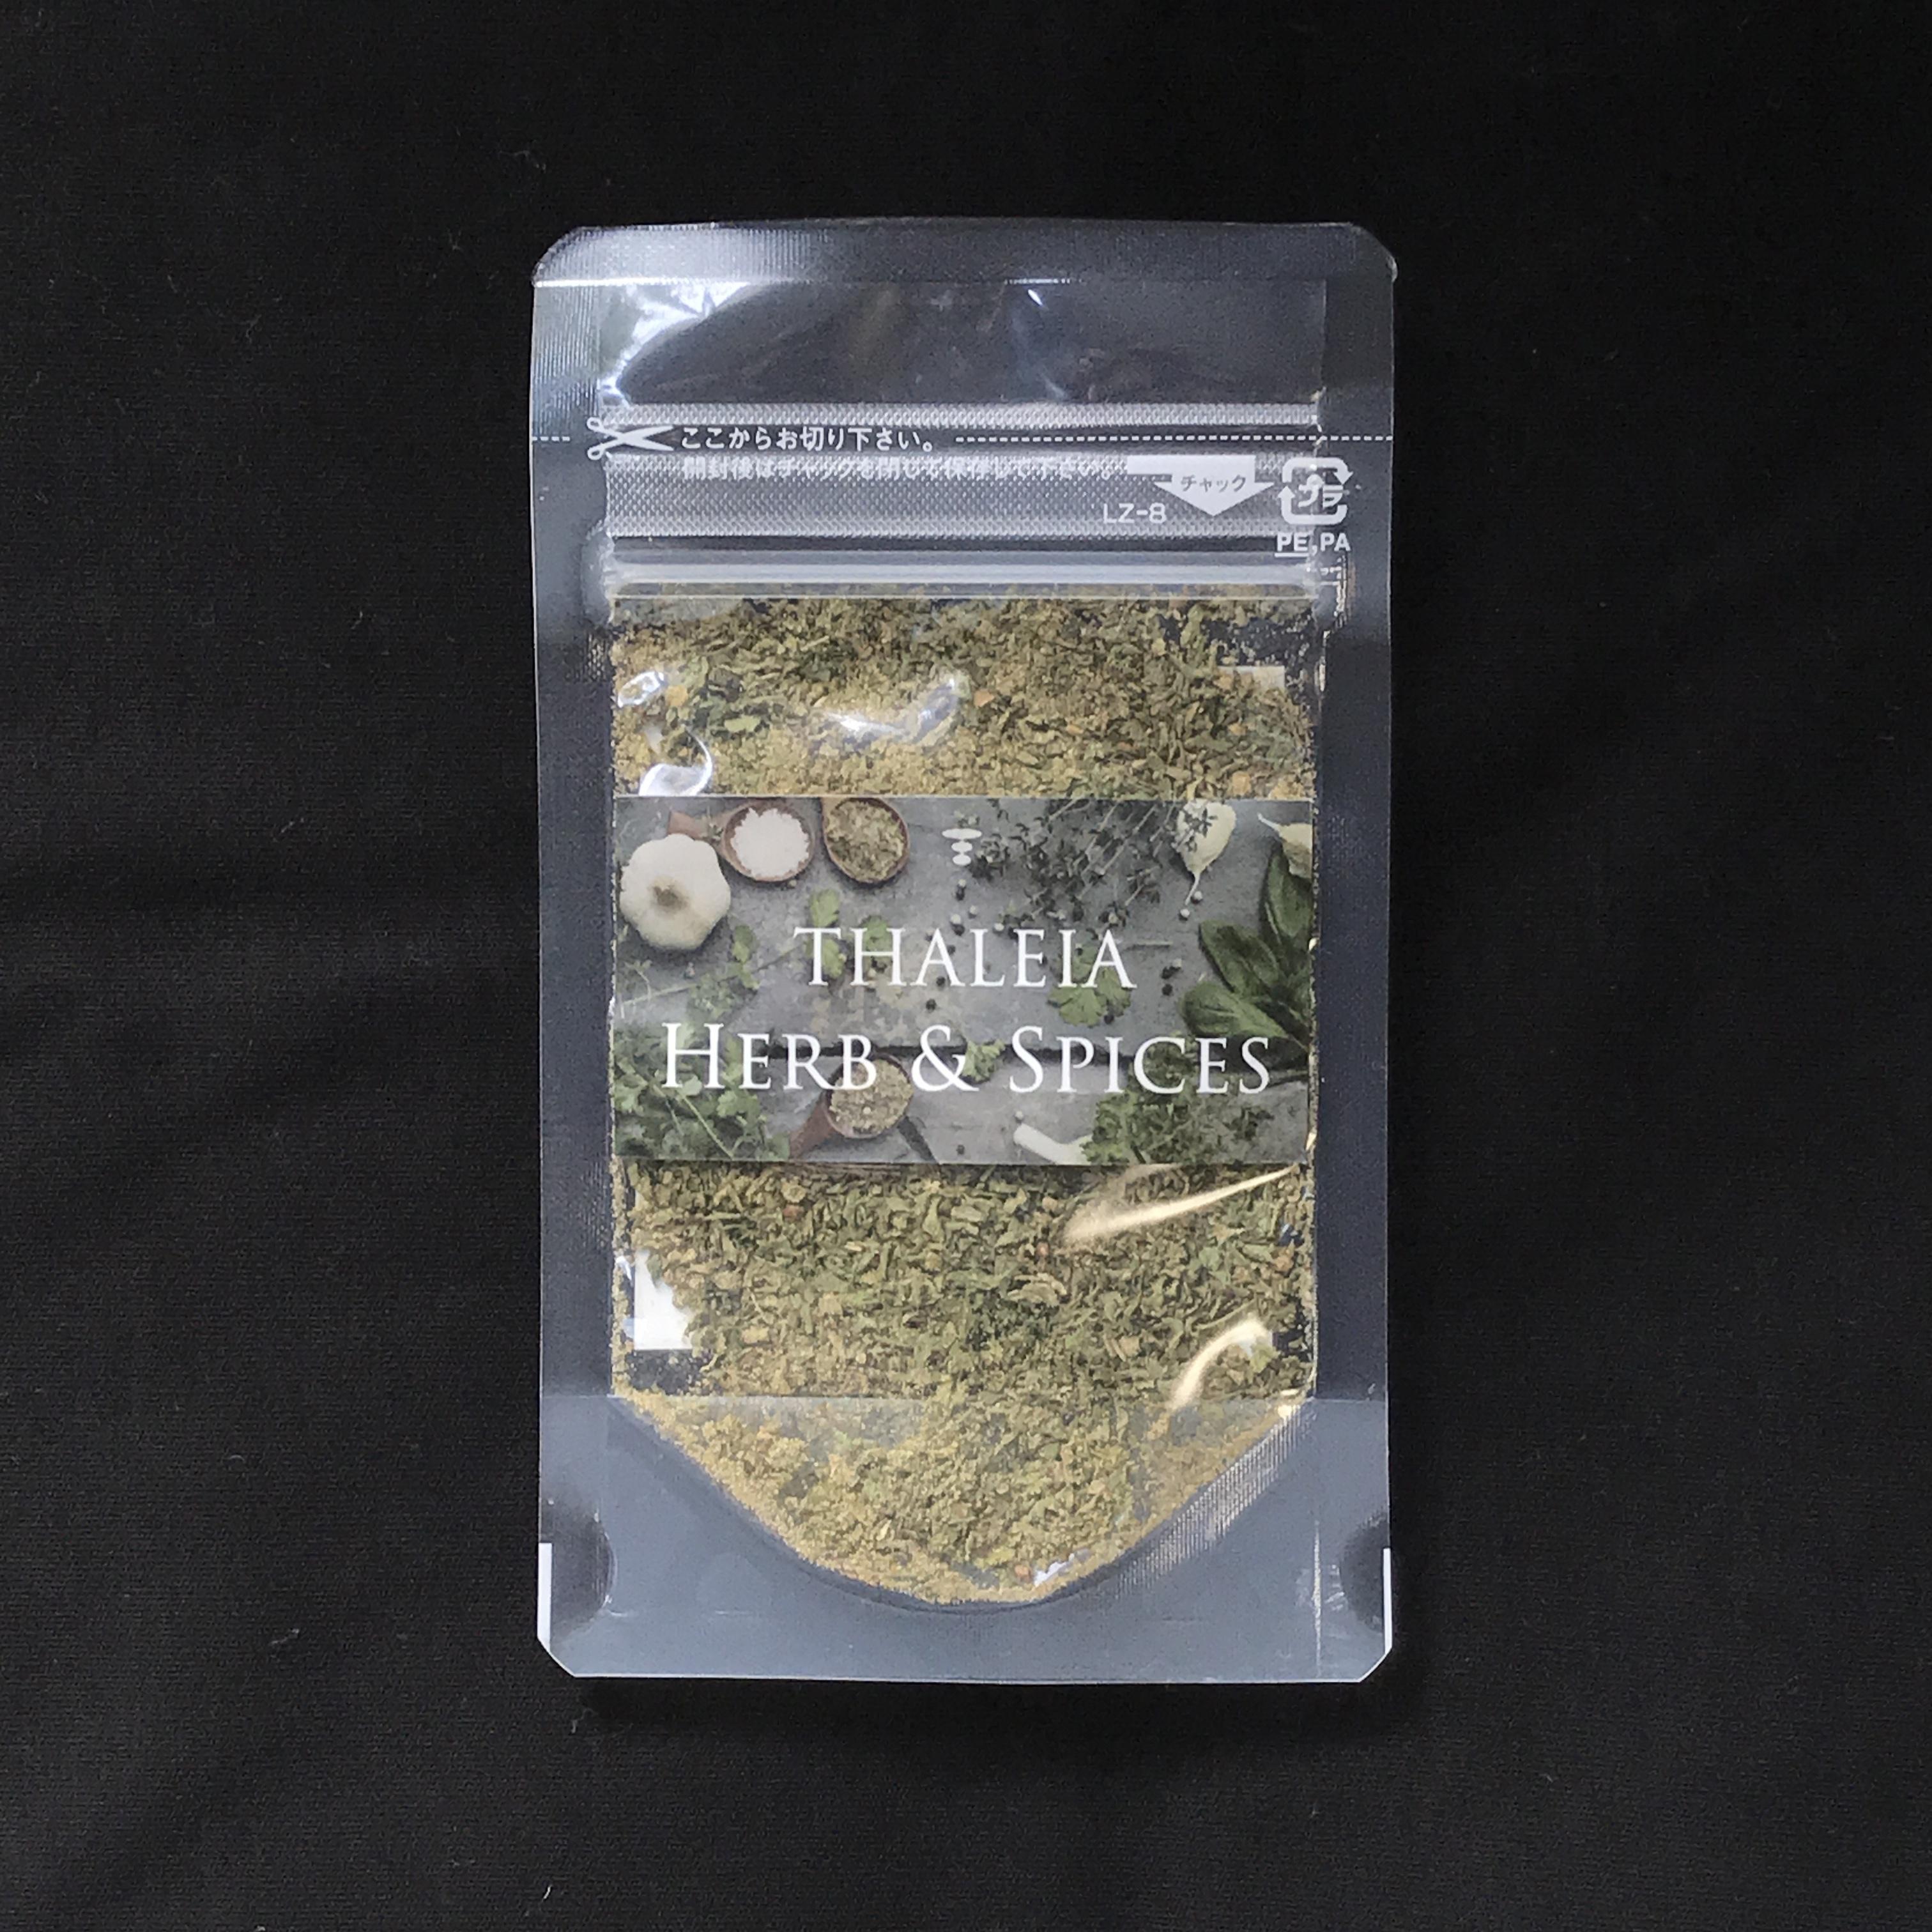 送料無料!【お試しサイズ】THALEIA HERB & SPICES タレイア ハーブ&スパイシーズ |化学調味料不使用 アレルゲンフリー|ハーブとスパイスの調味料